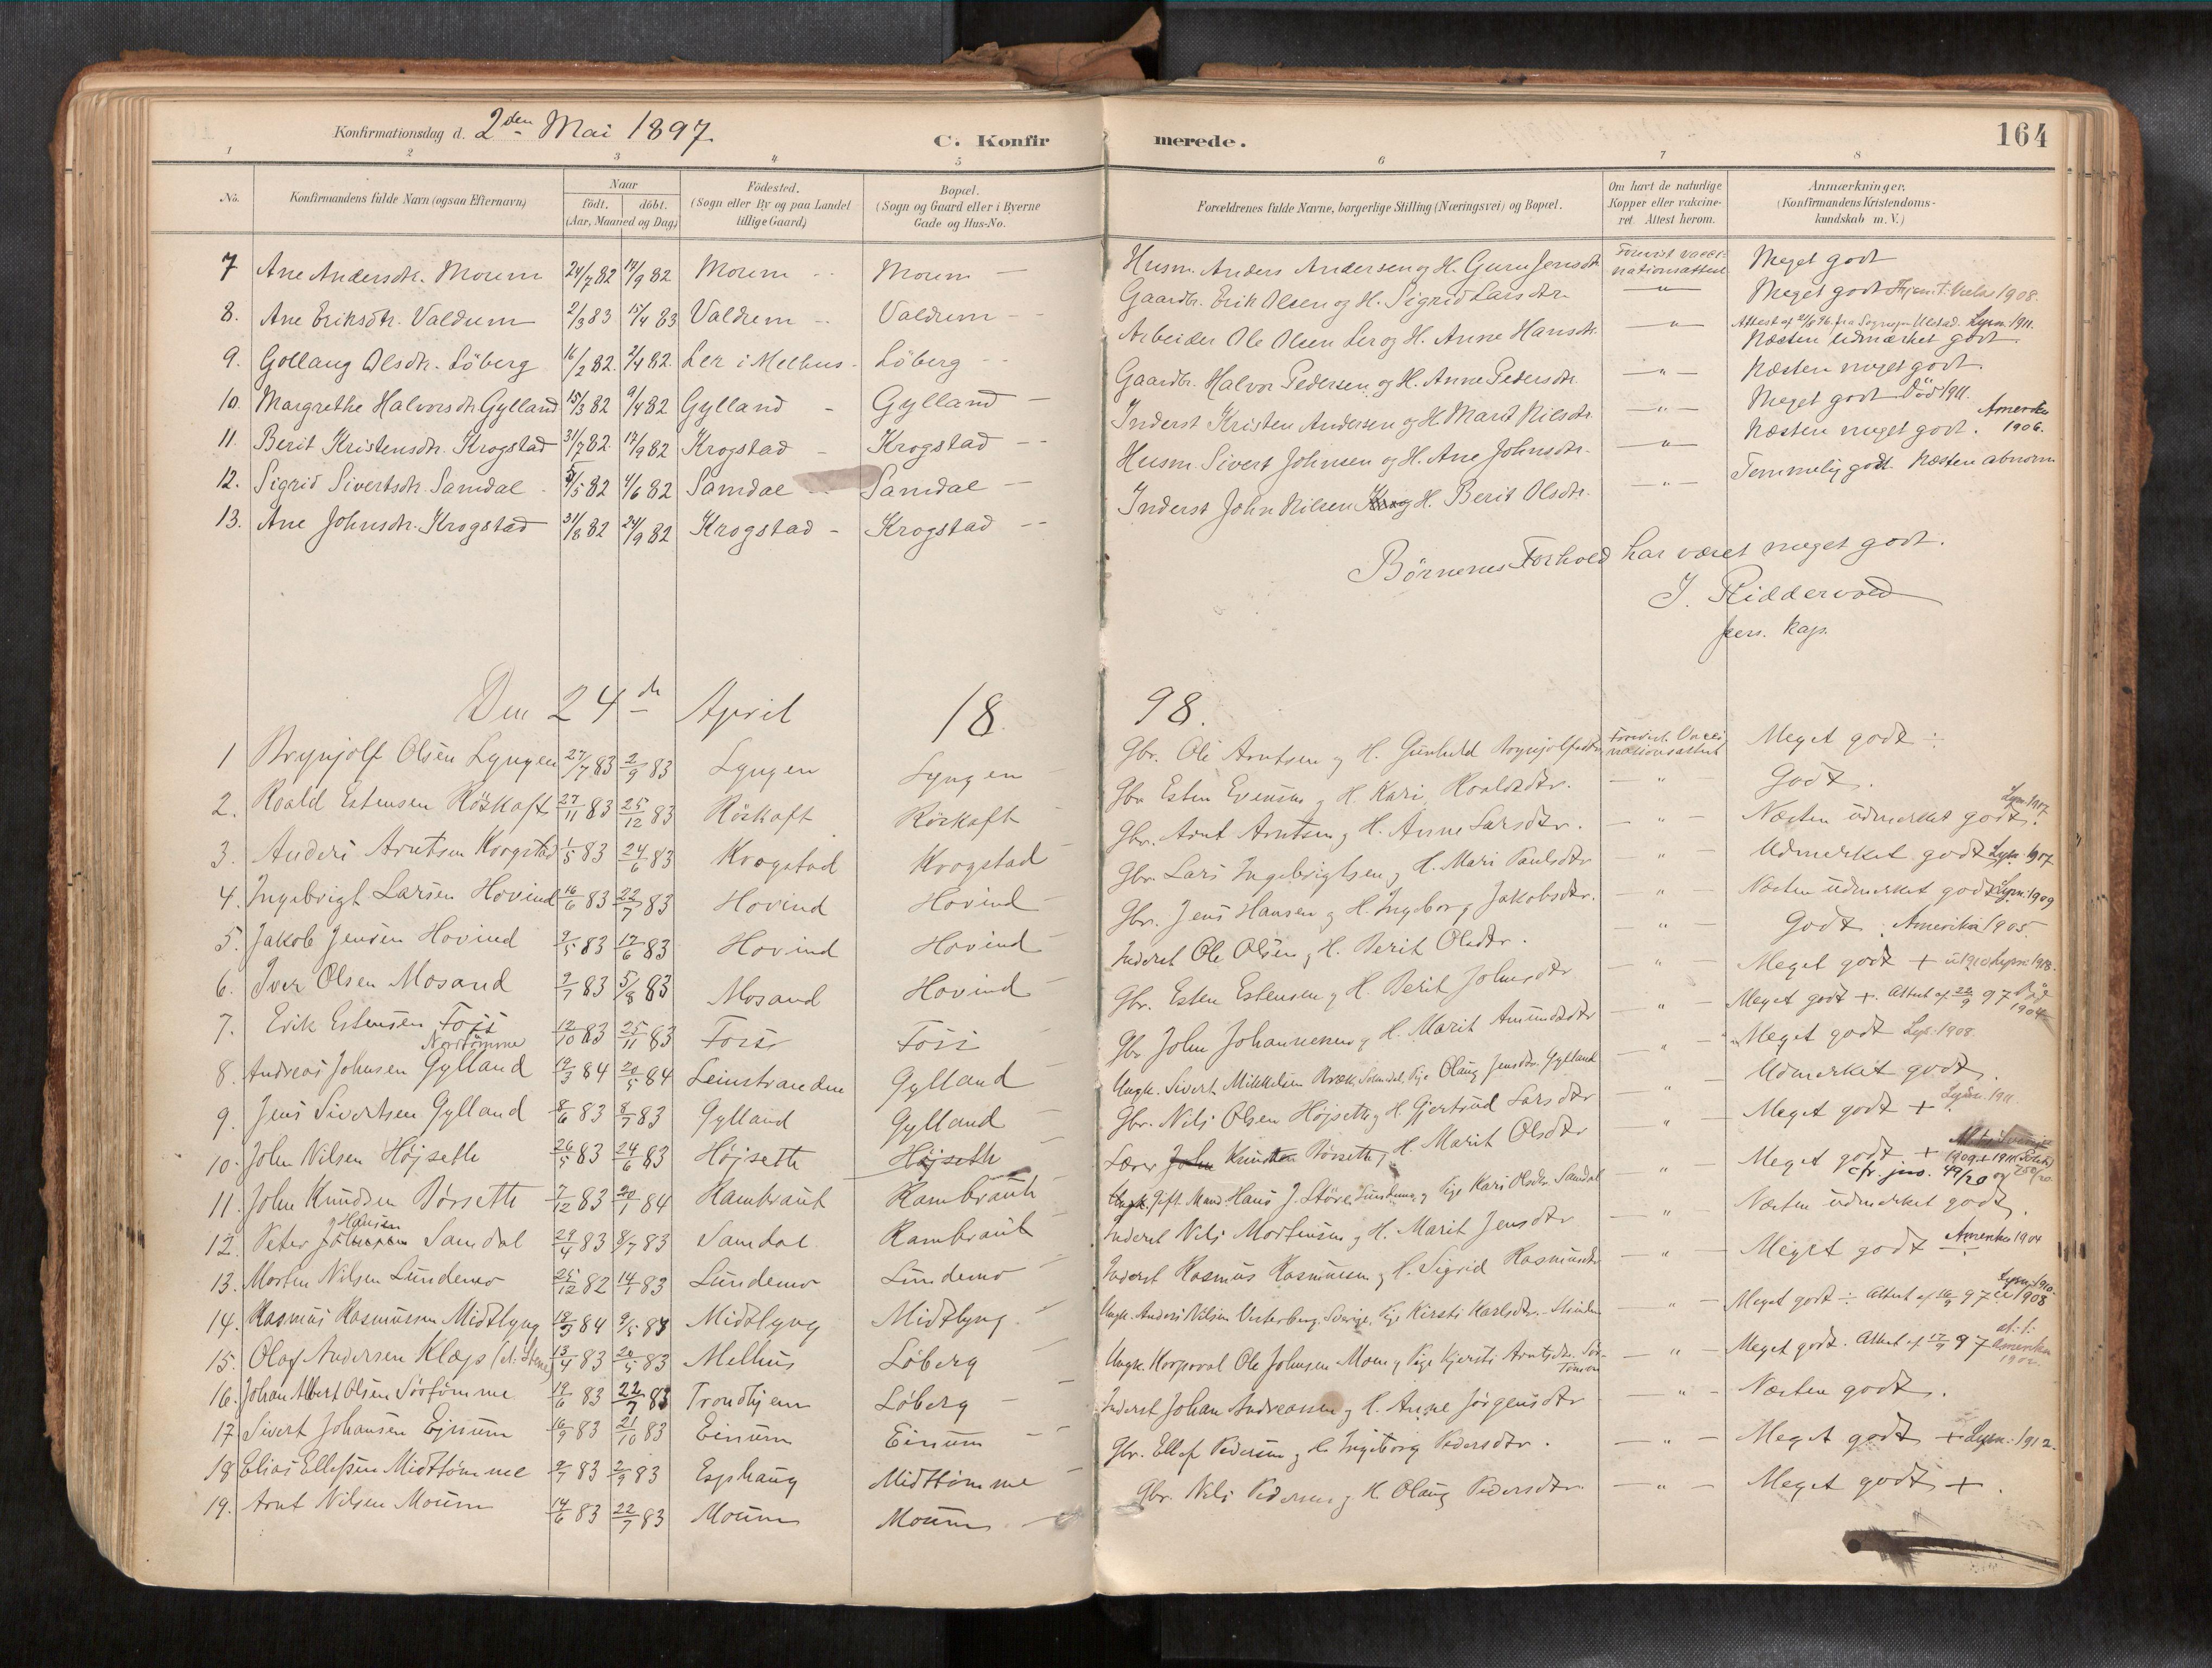 SAT, Ministerialprotokoller, klokkerbøker og fødselsregistre - Sør-Trøndelag, 692/L1105b: Ministerialbok nr. 692A06, 1891-1934, s. 164